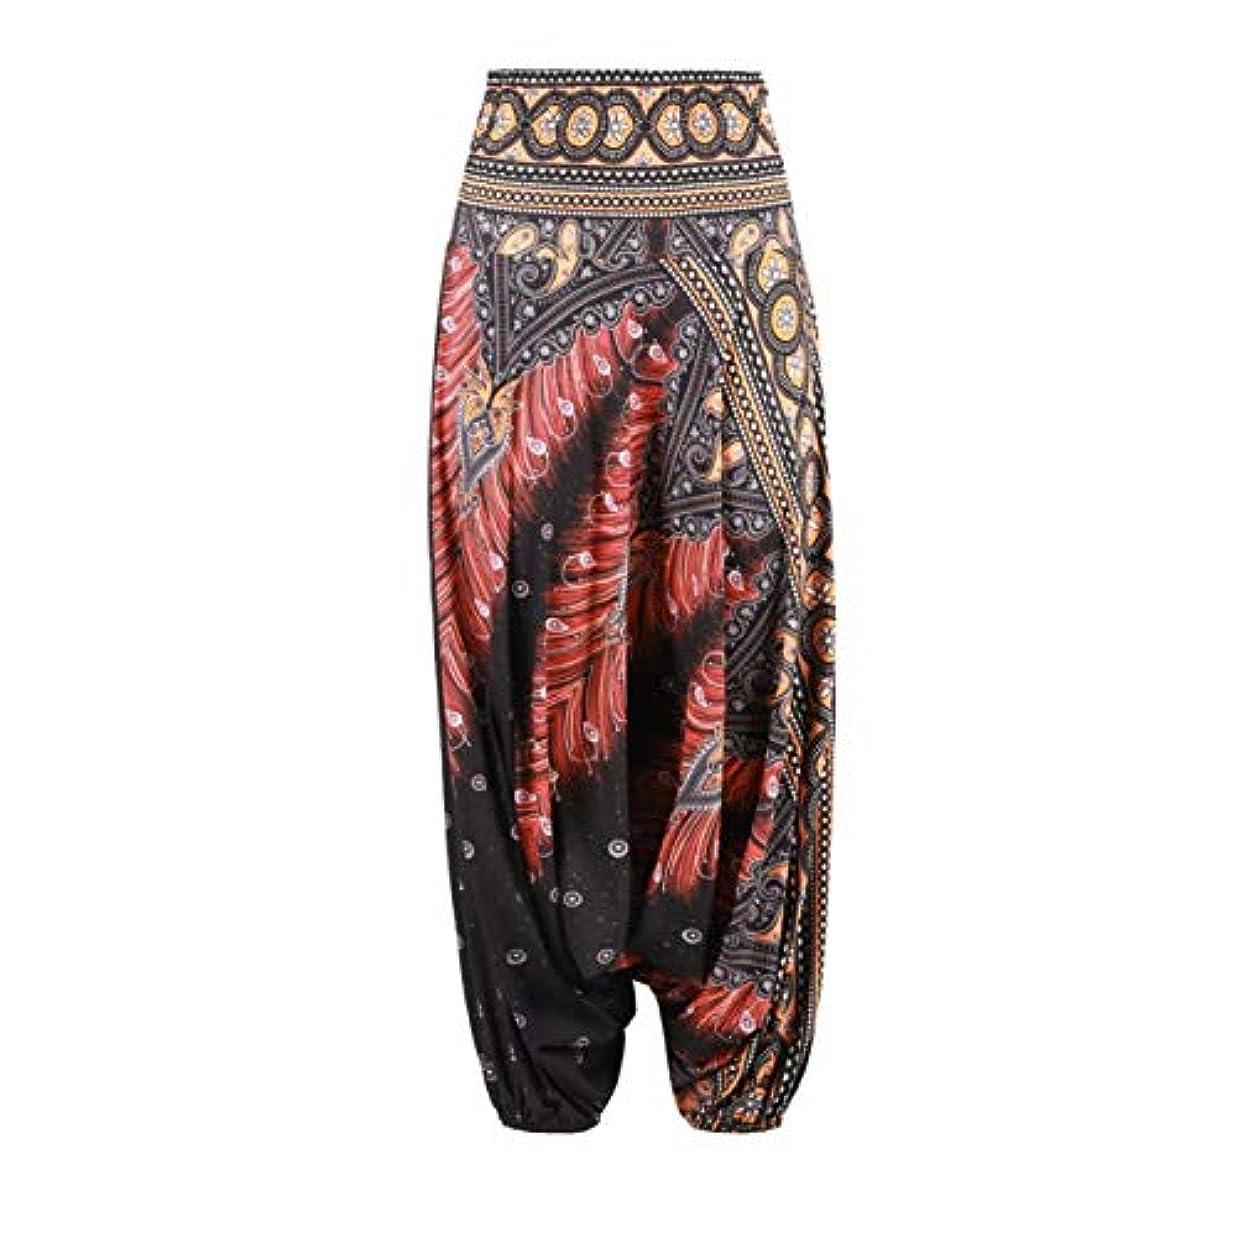 解任場合話DeeploveUU スタイリッシュなエスニックスタイル3Dプリントインドベリーダンスパンツワイドレッグルーズカジュアルヨガのズボンファッション女性フィットネスパンツ